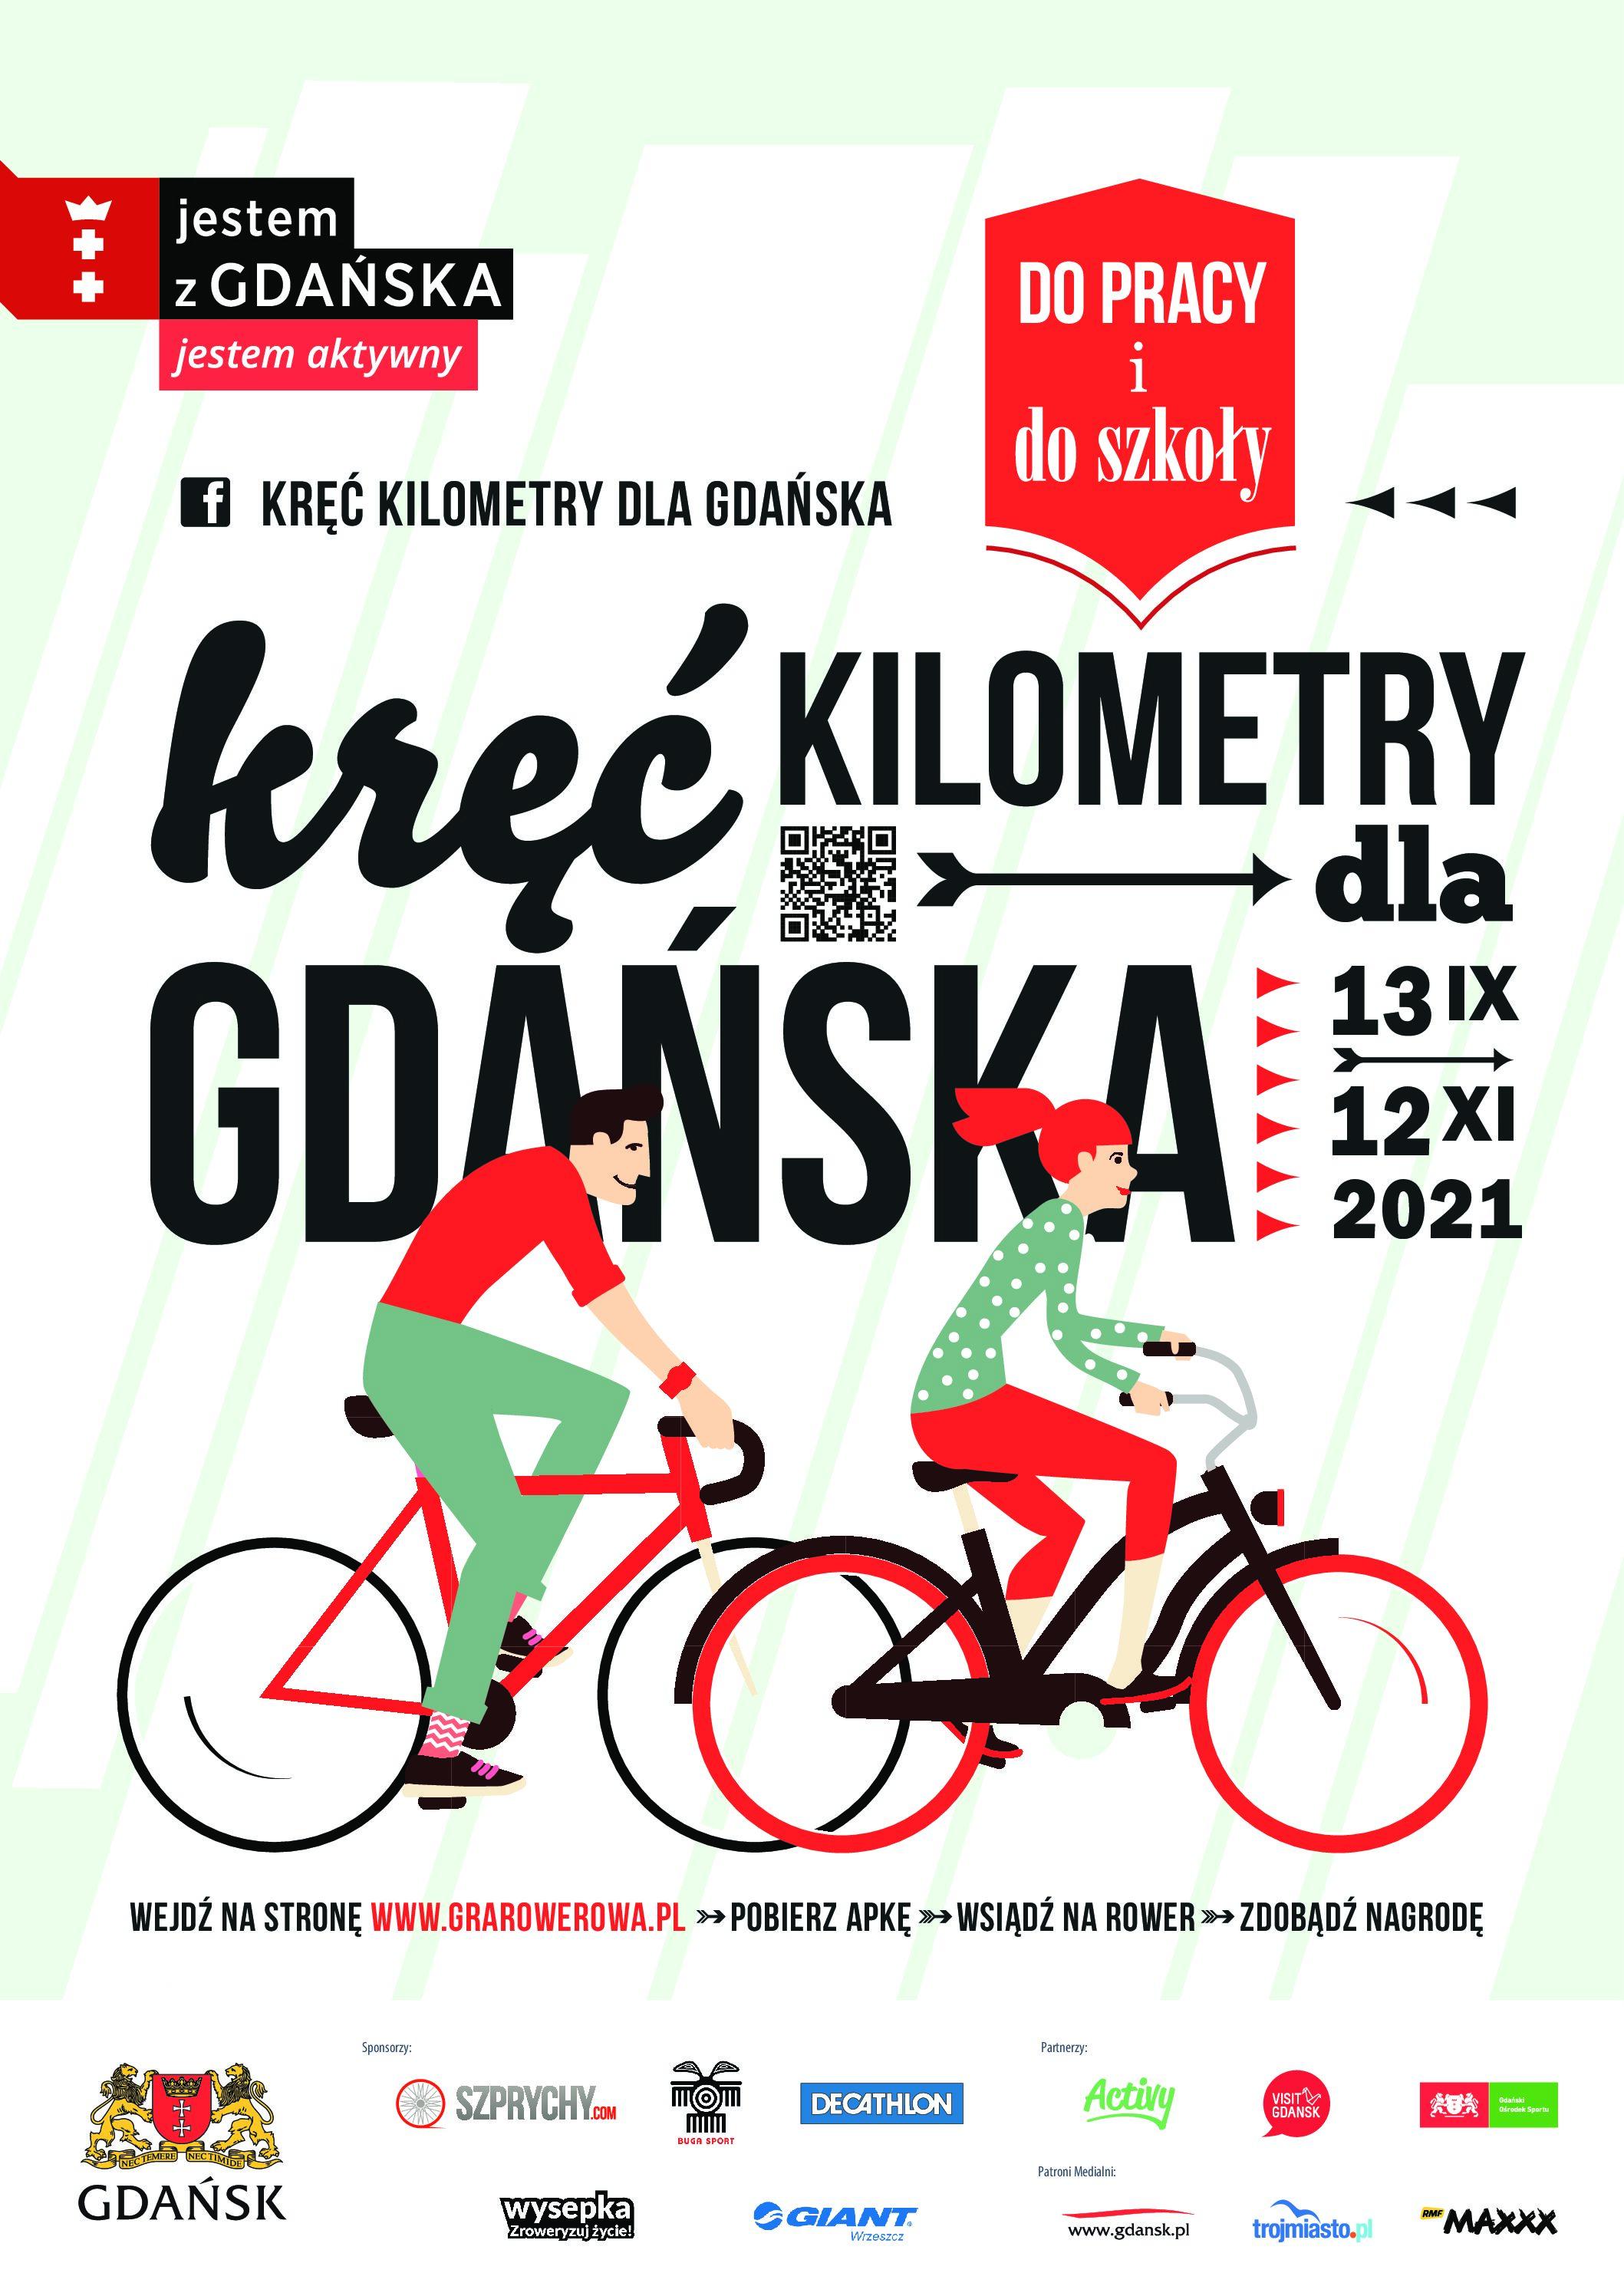 Akcja Kręć kilometry dla Gdańska